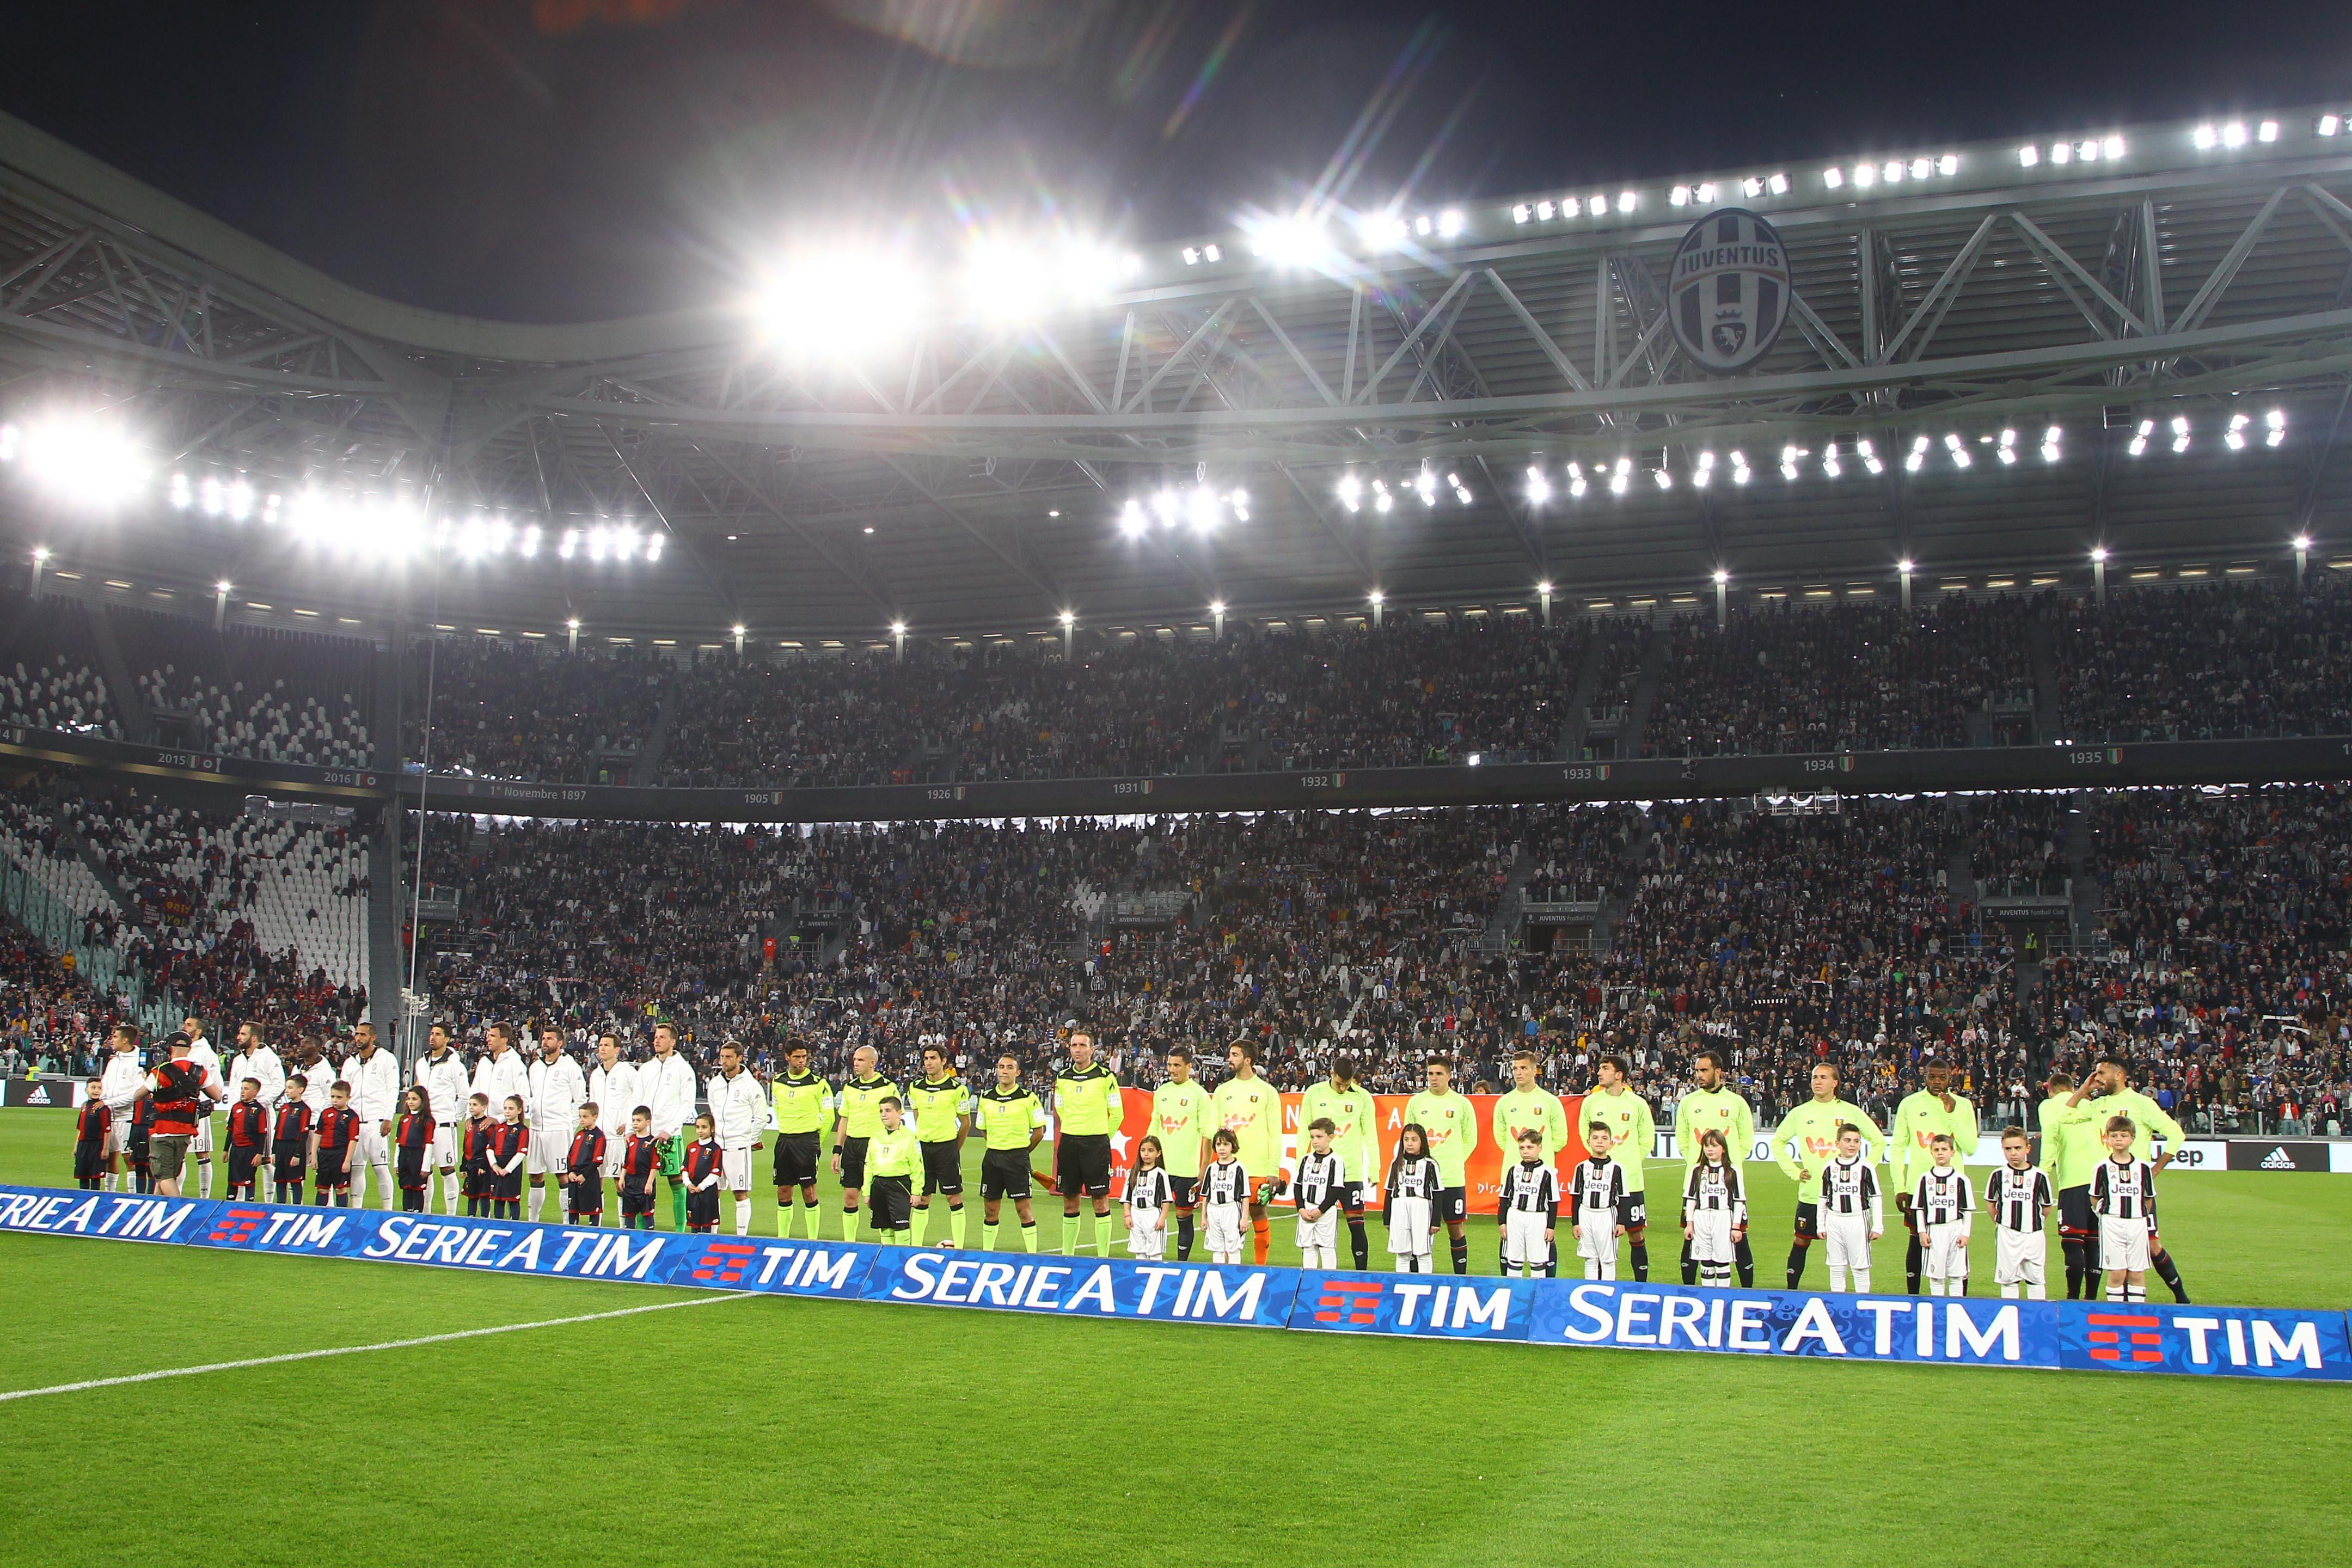 Orario Sorteggio Calendario Serie A 2018 2019